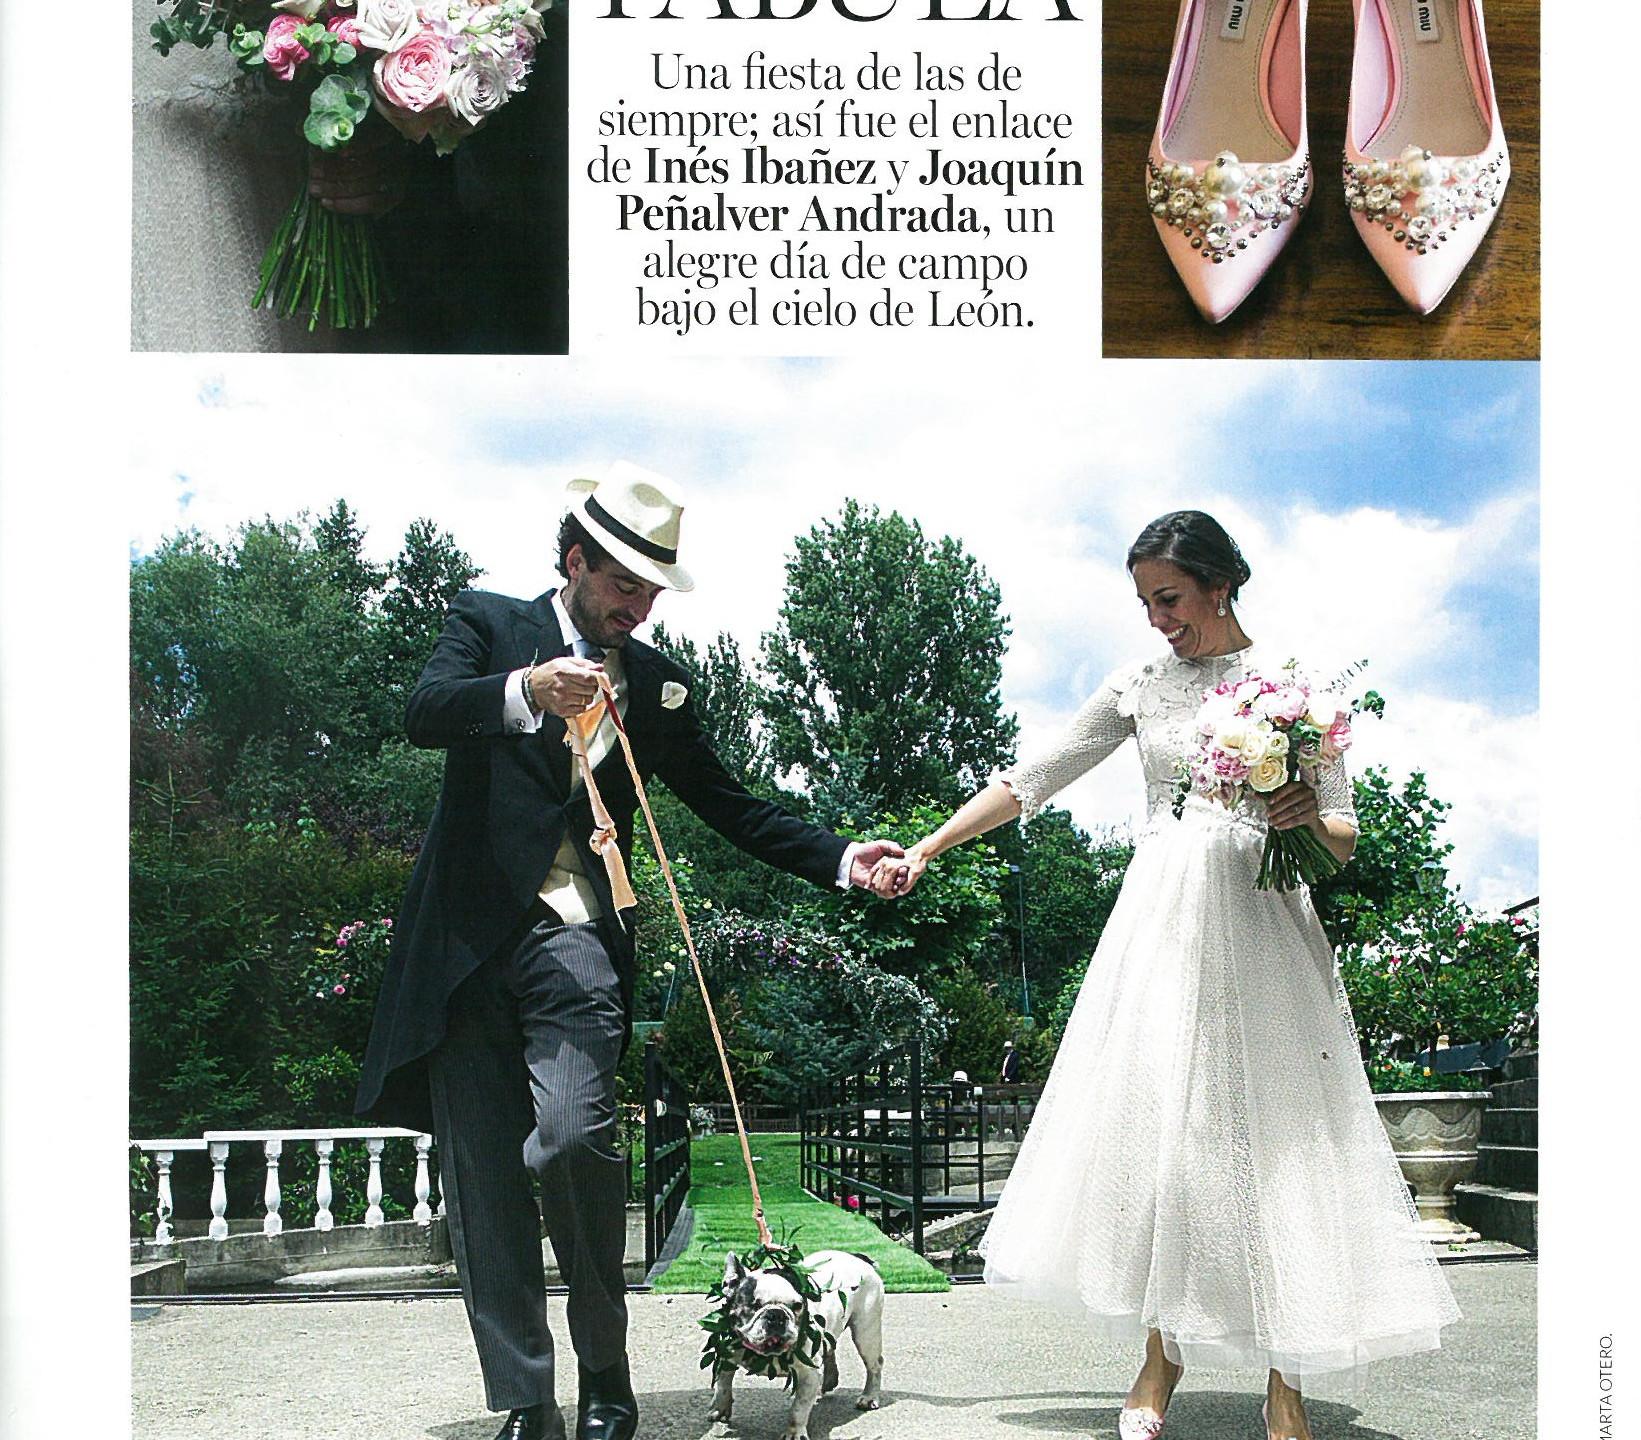 Reportaje_sobre_la_boda_de_Inés_Ibáñez_y_Joaquín_Peñalver_en_Vogue_Novias